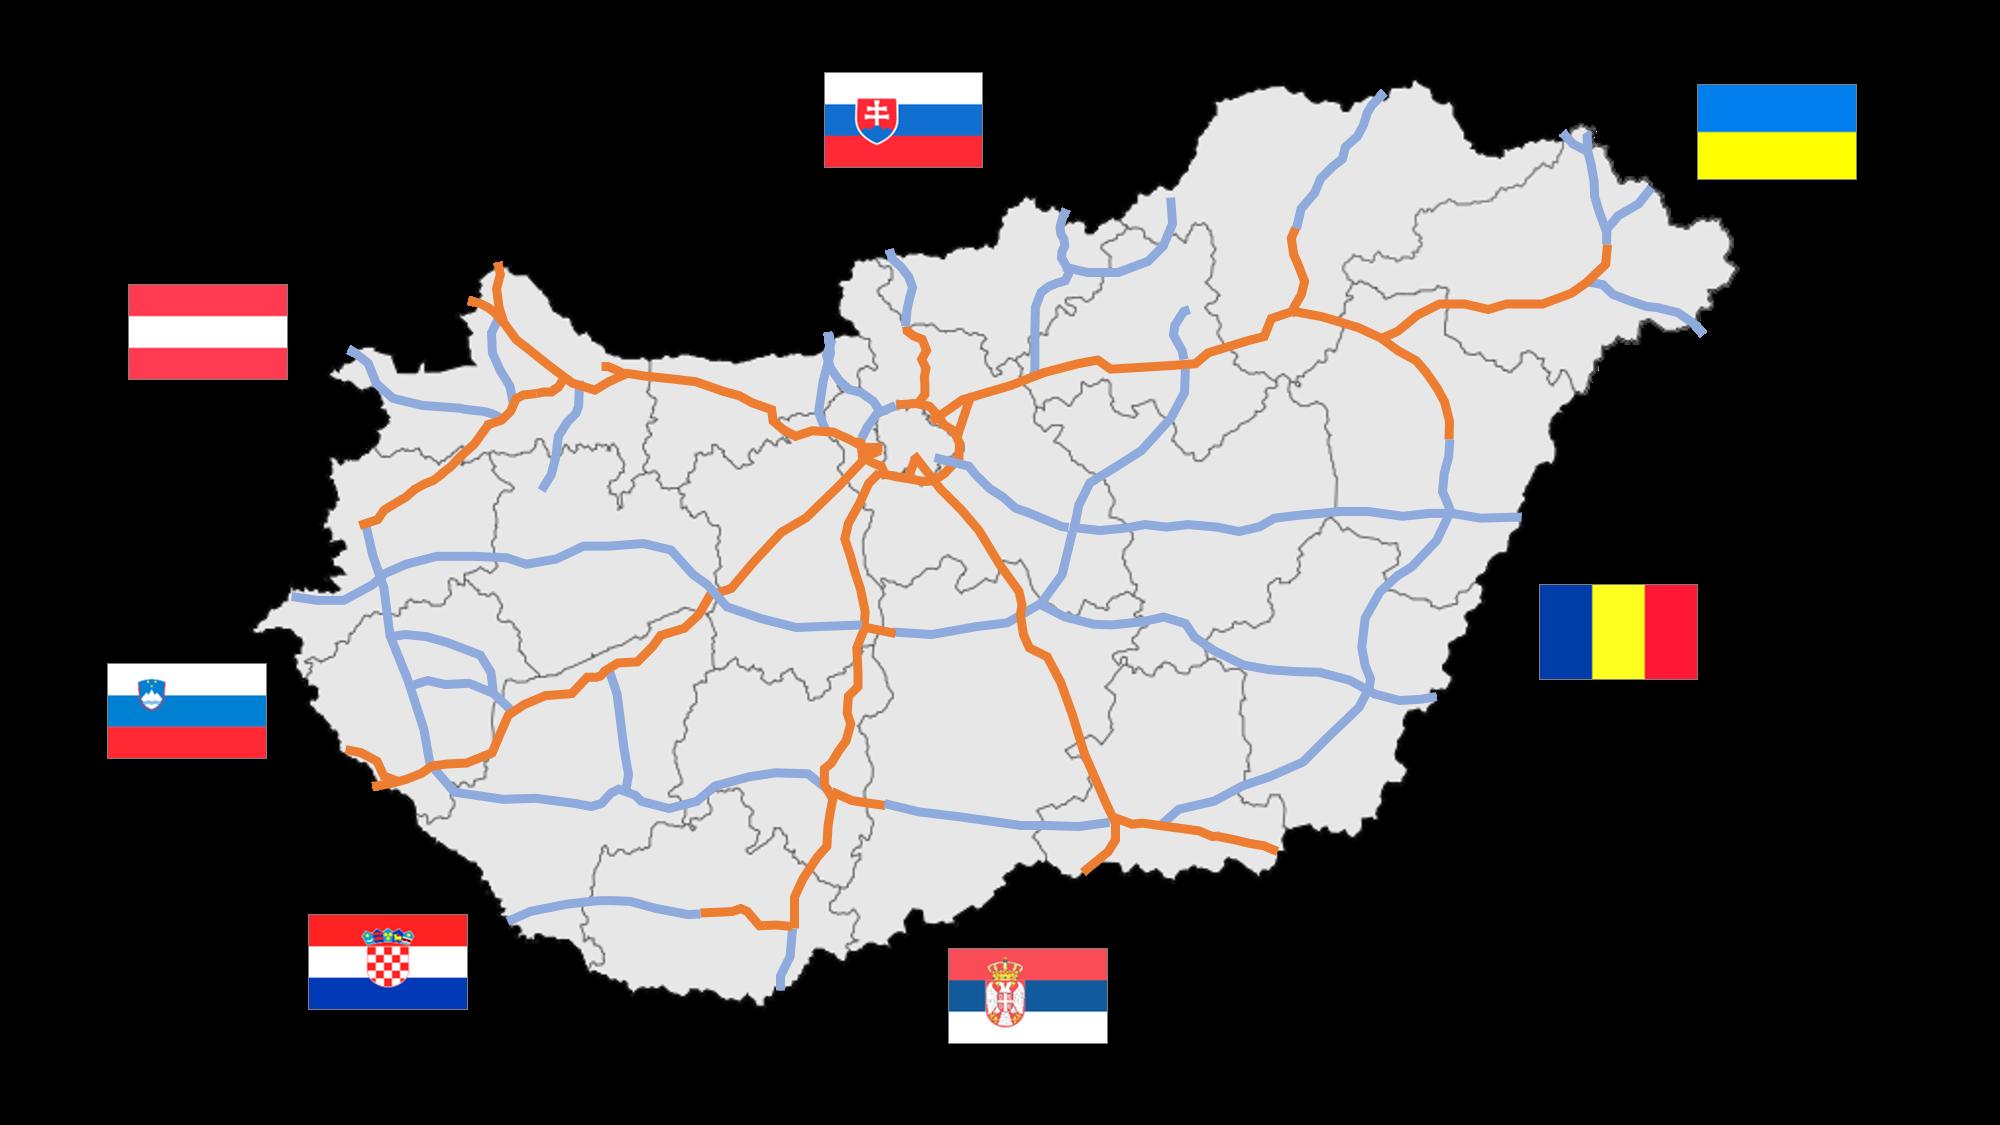 Mapa maďarské dálniční sítě, autor: MrSilesian, volné dílo